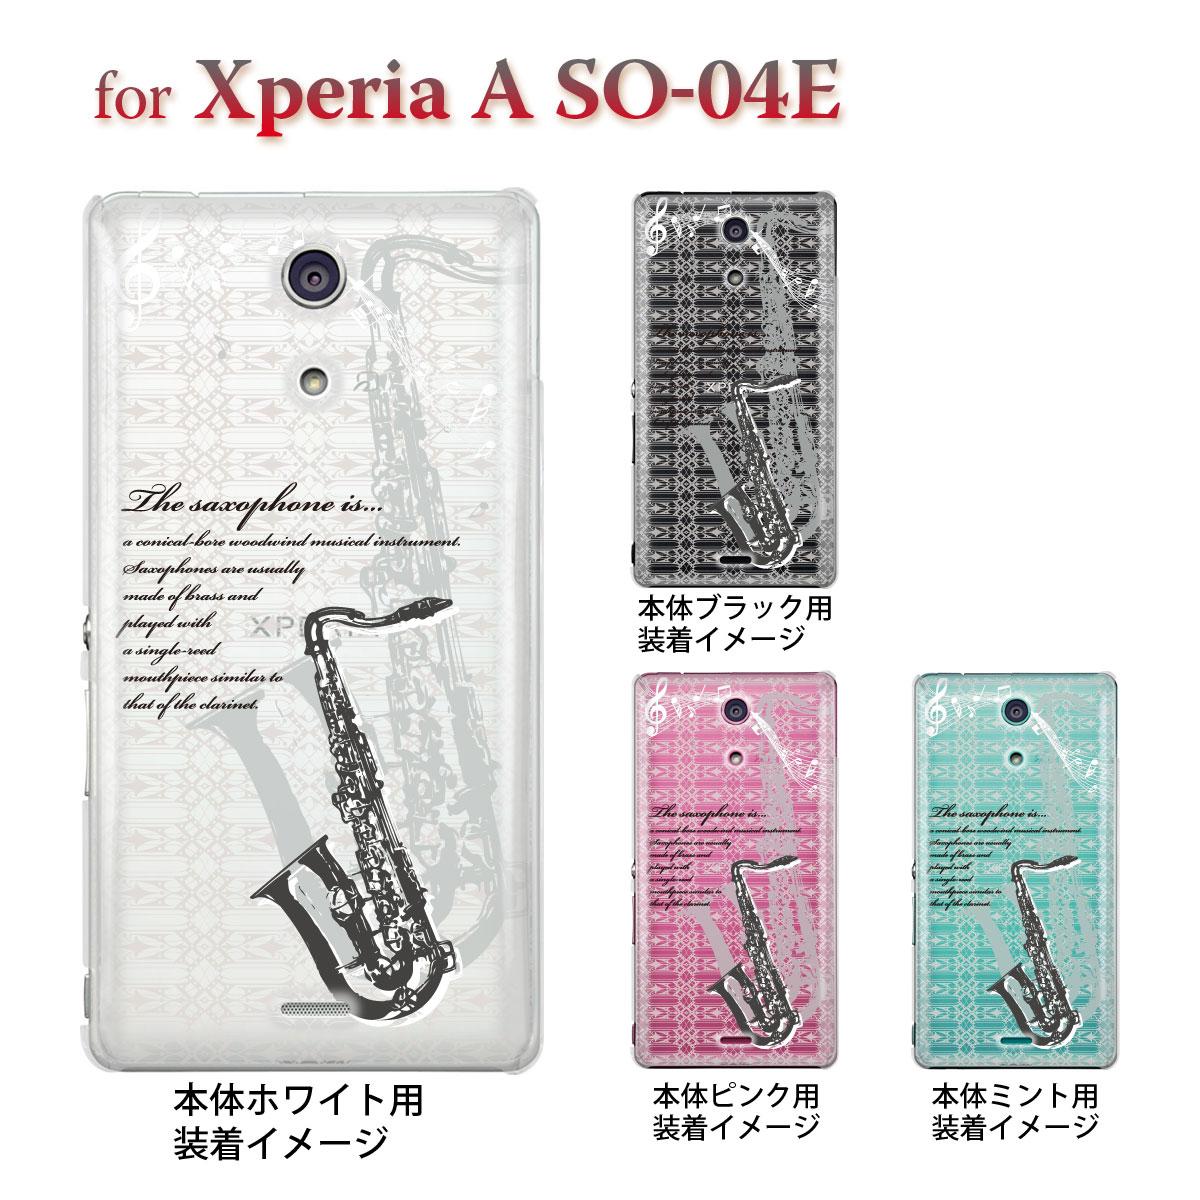 スマートフォン・携帯電話用アクセサリー, ケース・カバー Xperia A SO-04Edocomo 09-so04e-mu0010